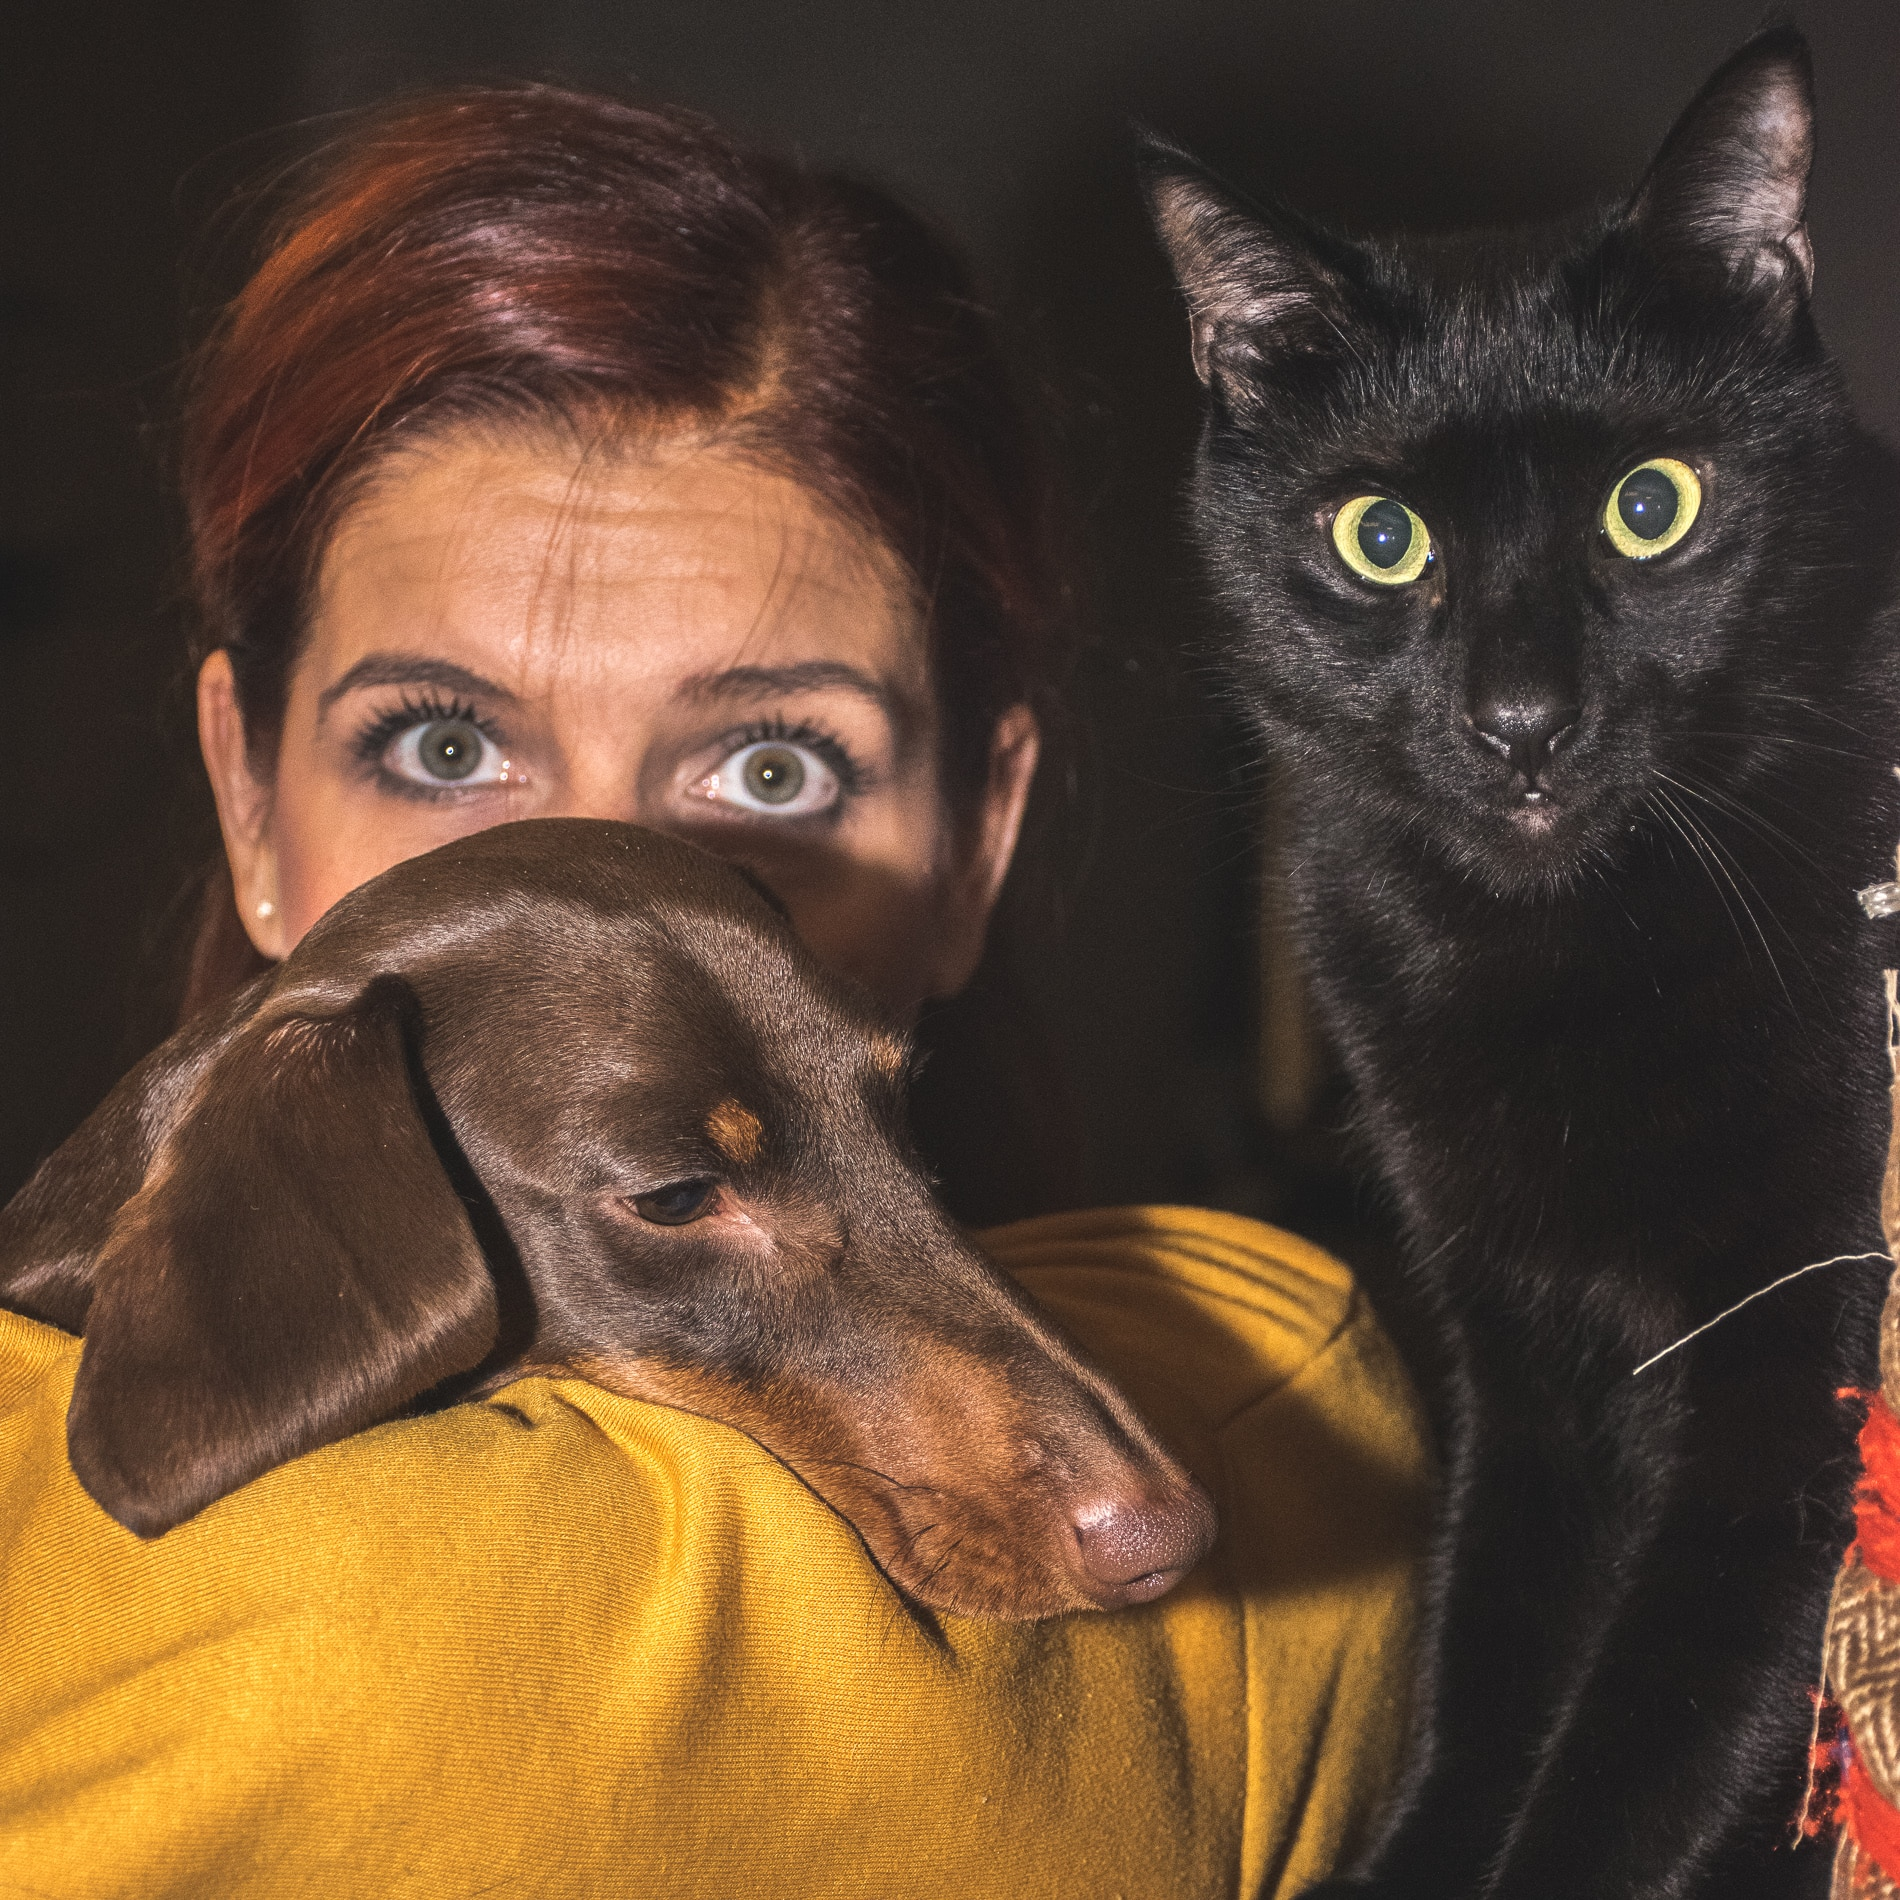 premi-per-cani-e-gatti-come-scegliere-i-migliori-pet-food-contemporaneo-food